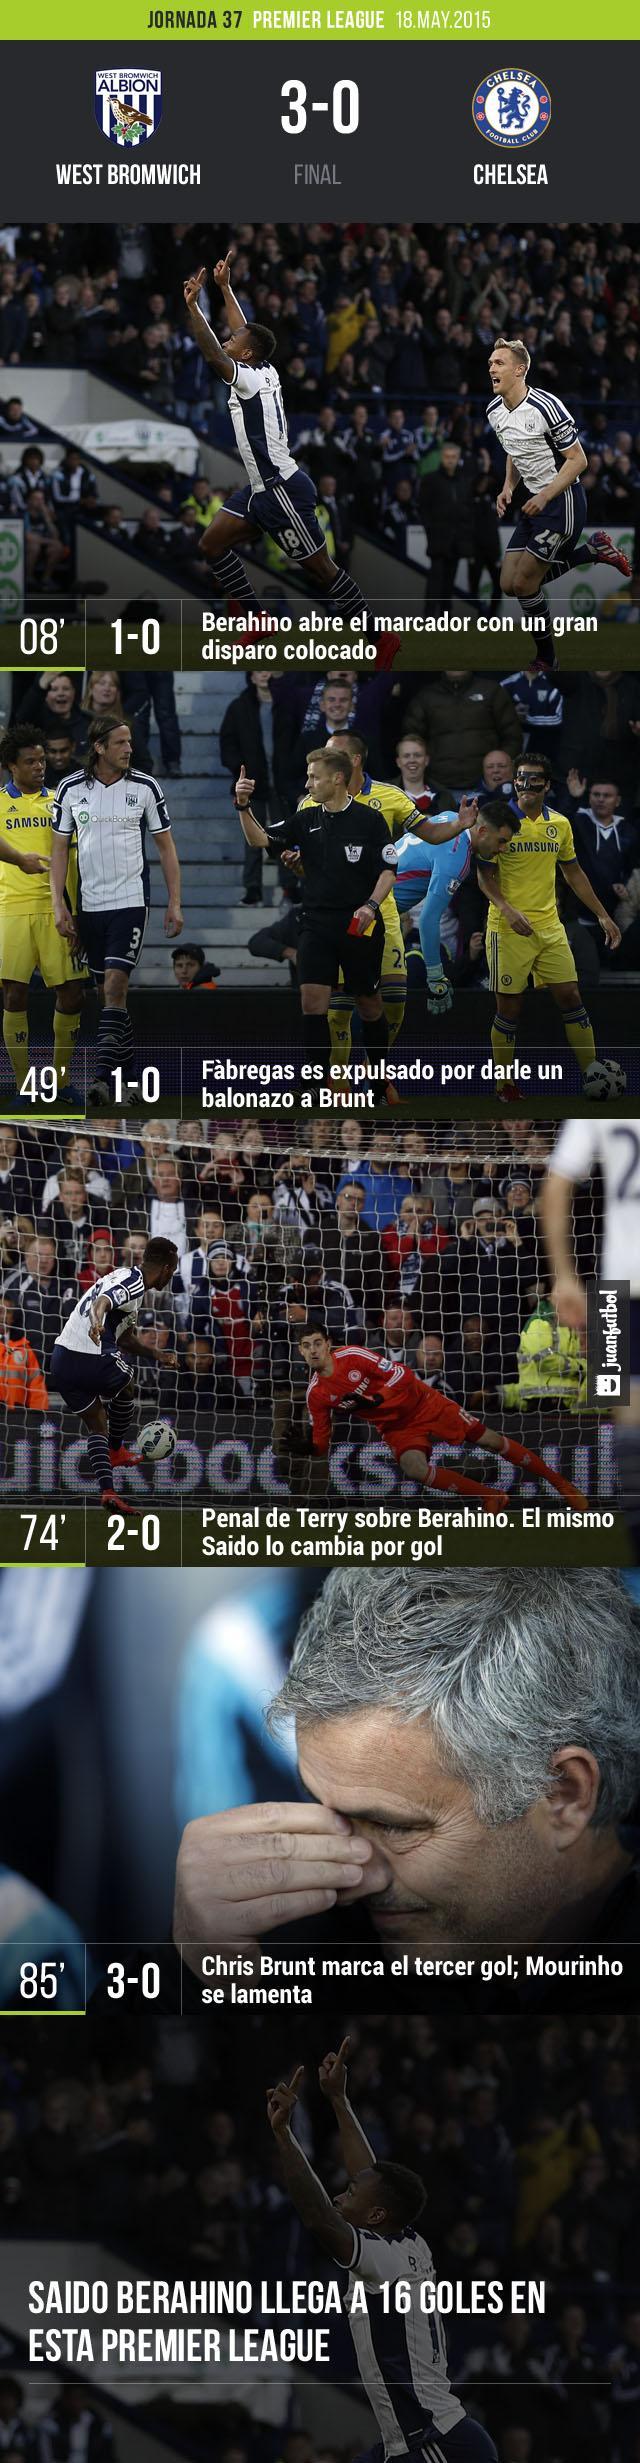 West Bromwich derrota 3-0 al Chelsea con doblete de Saido Berahino